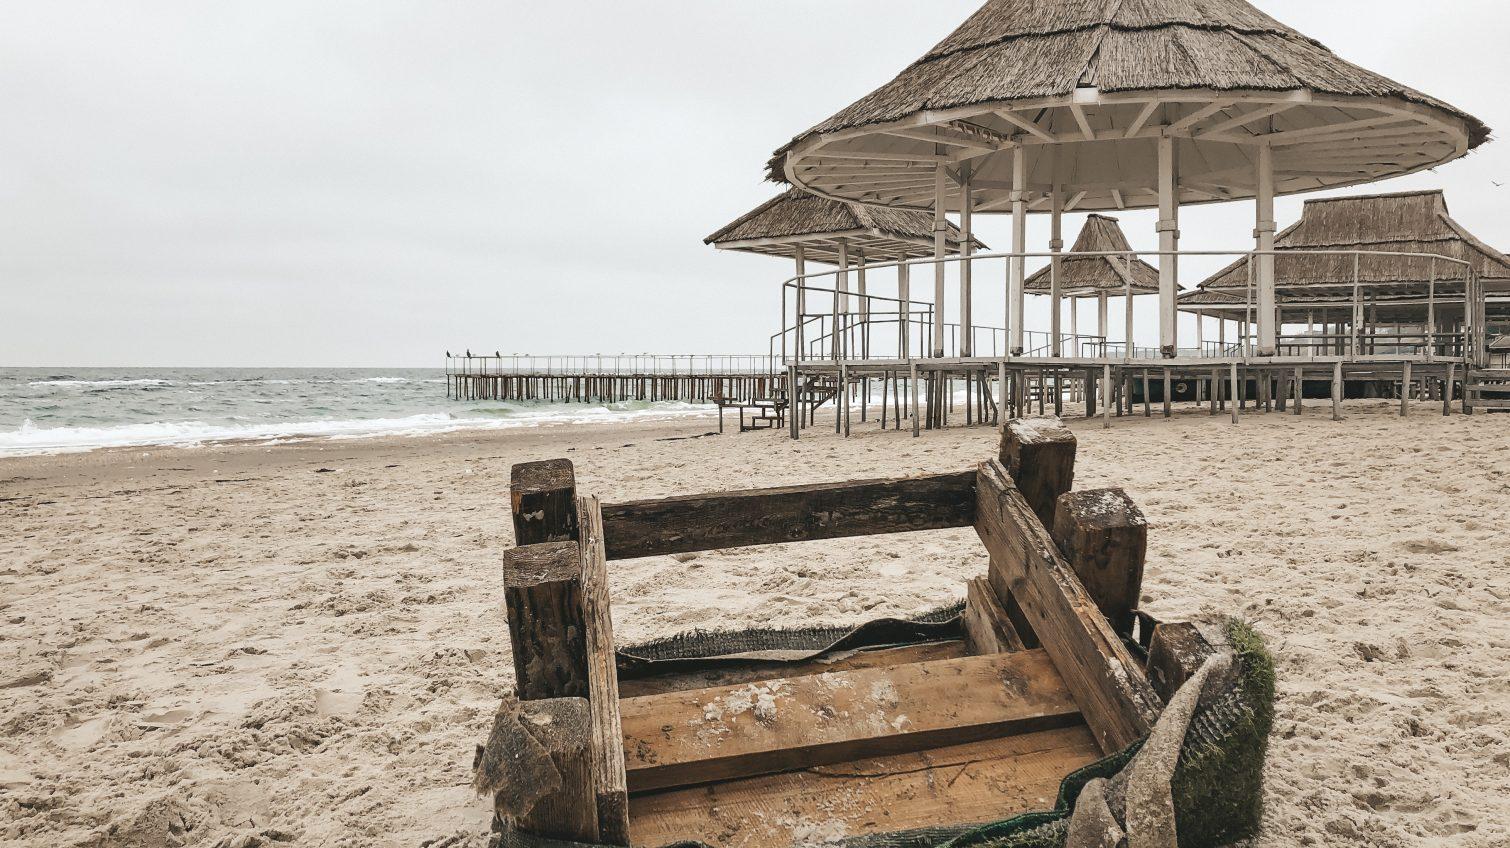 Арматура вместо пальм: что после себя оставляют арендаторы одесского побережья (фоторепортаж) «фото»